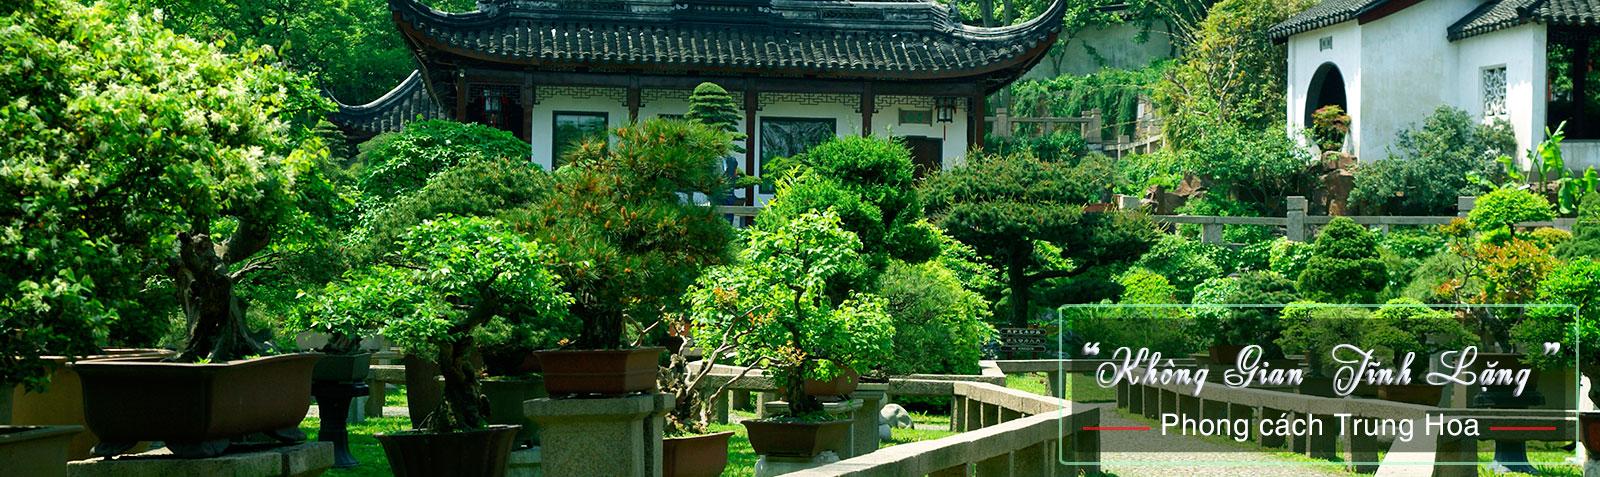 Sân vườn Trung Quốc